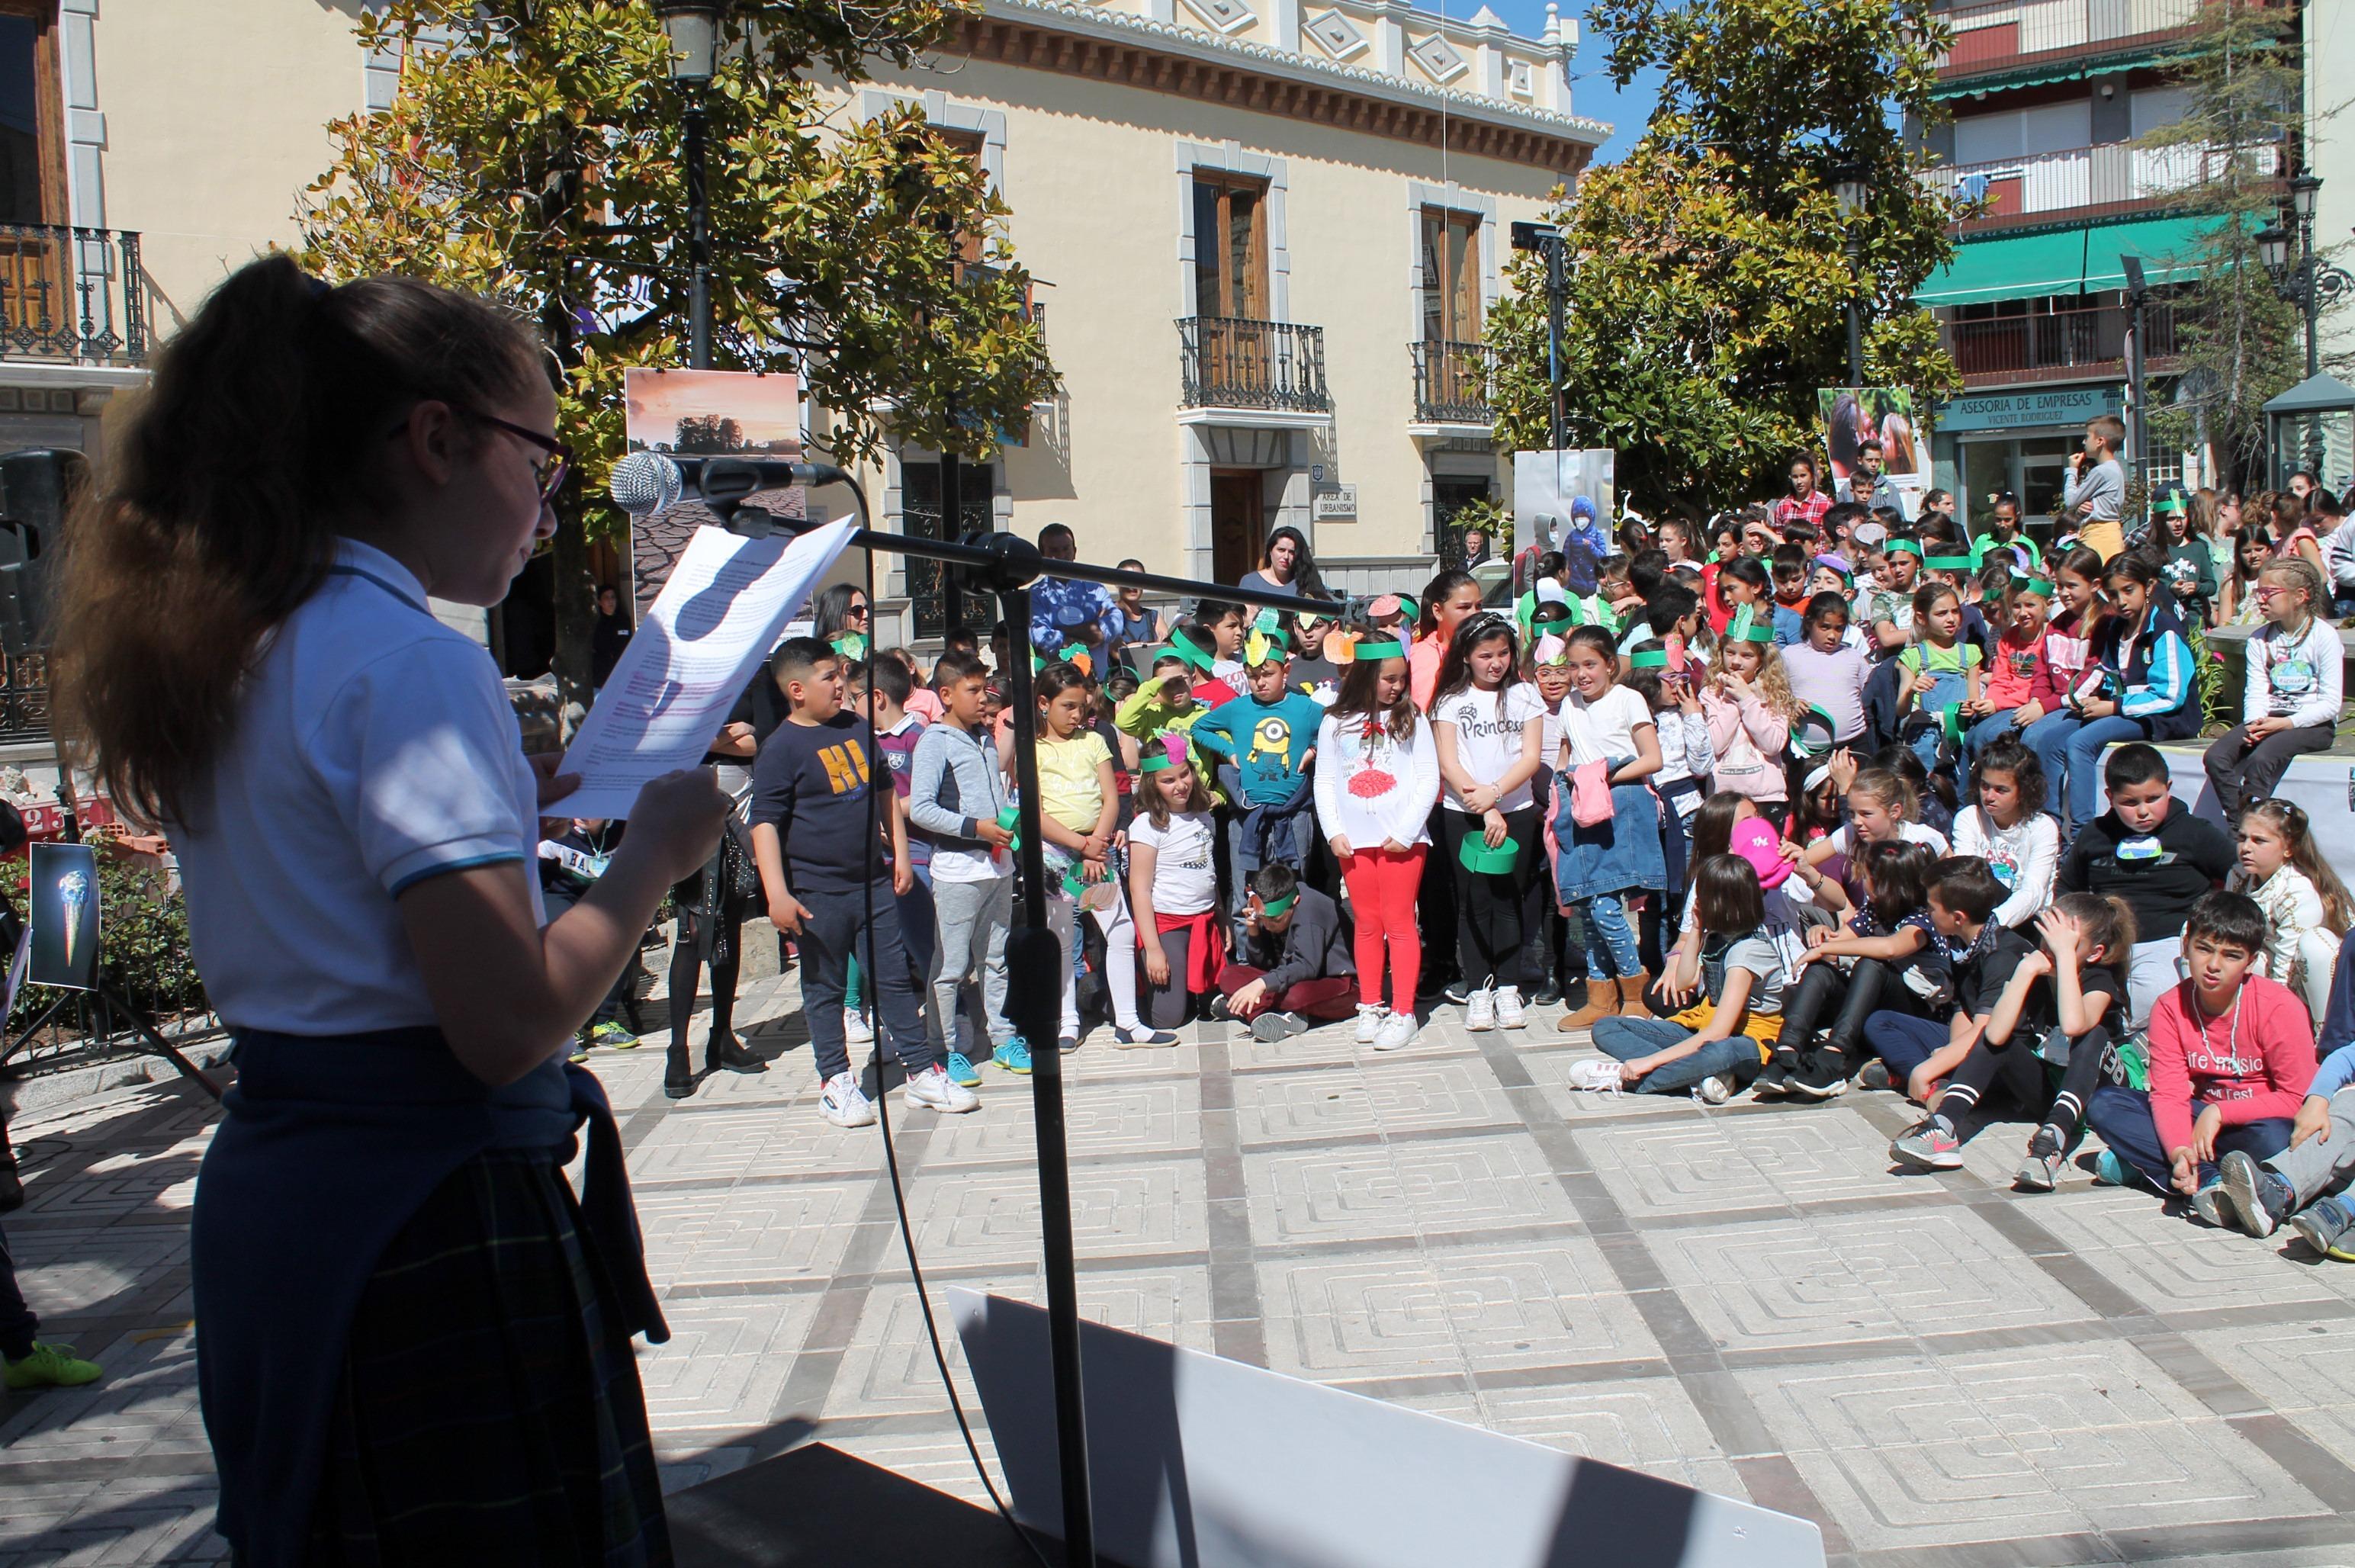 Los escolares de Atarfe toman el testigo en la lucha contra el cambio climático